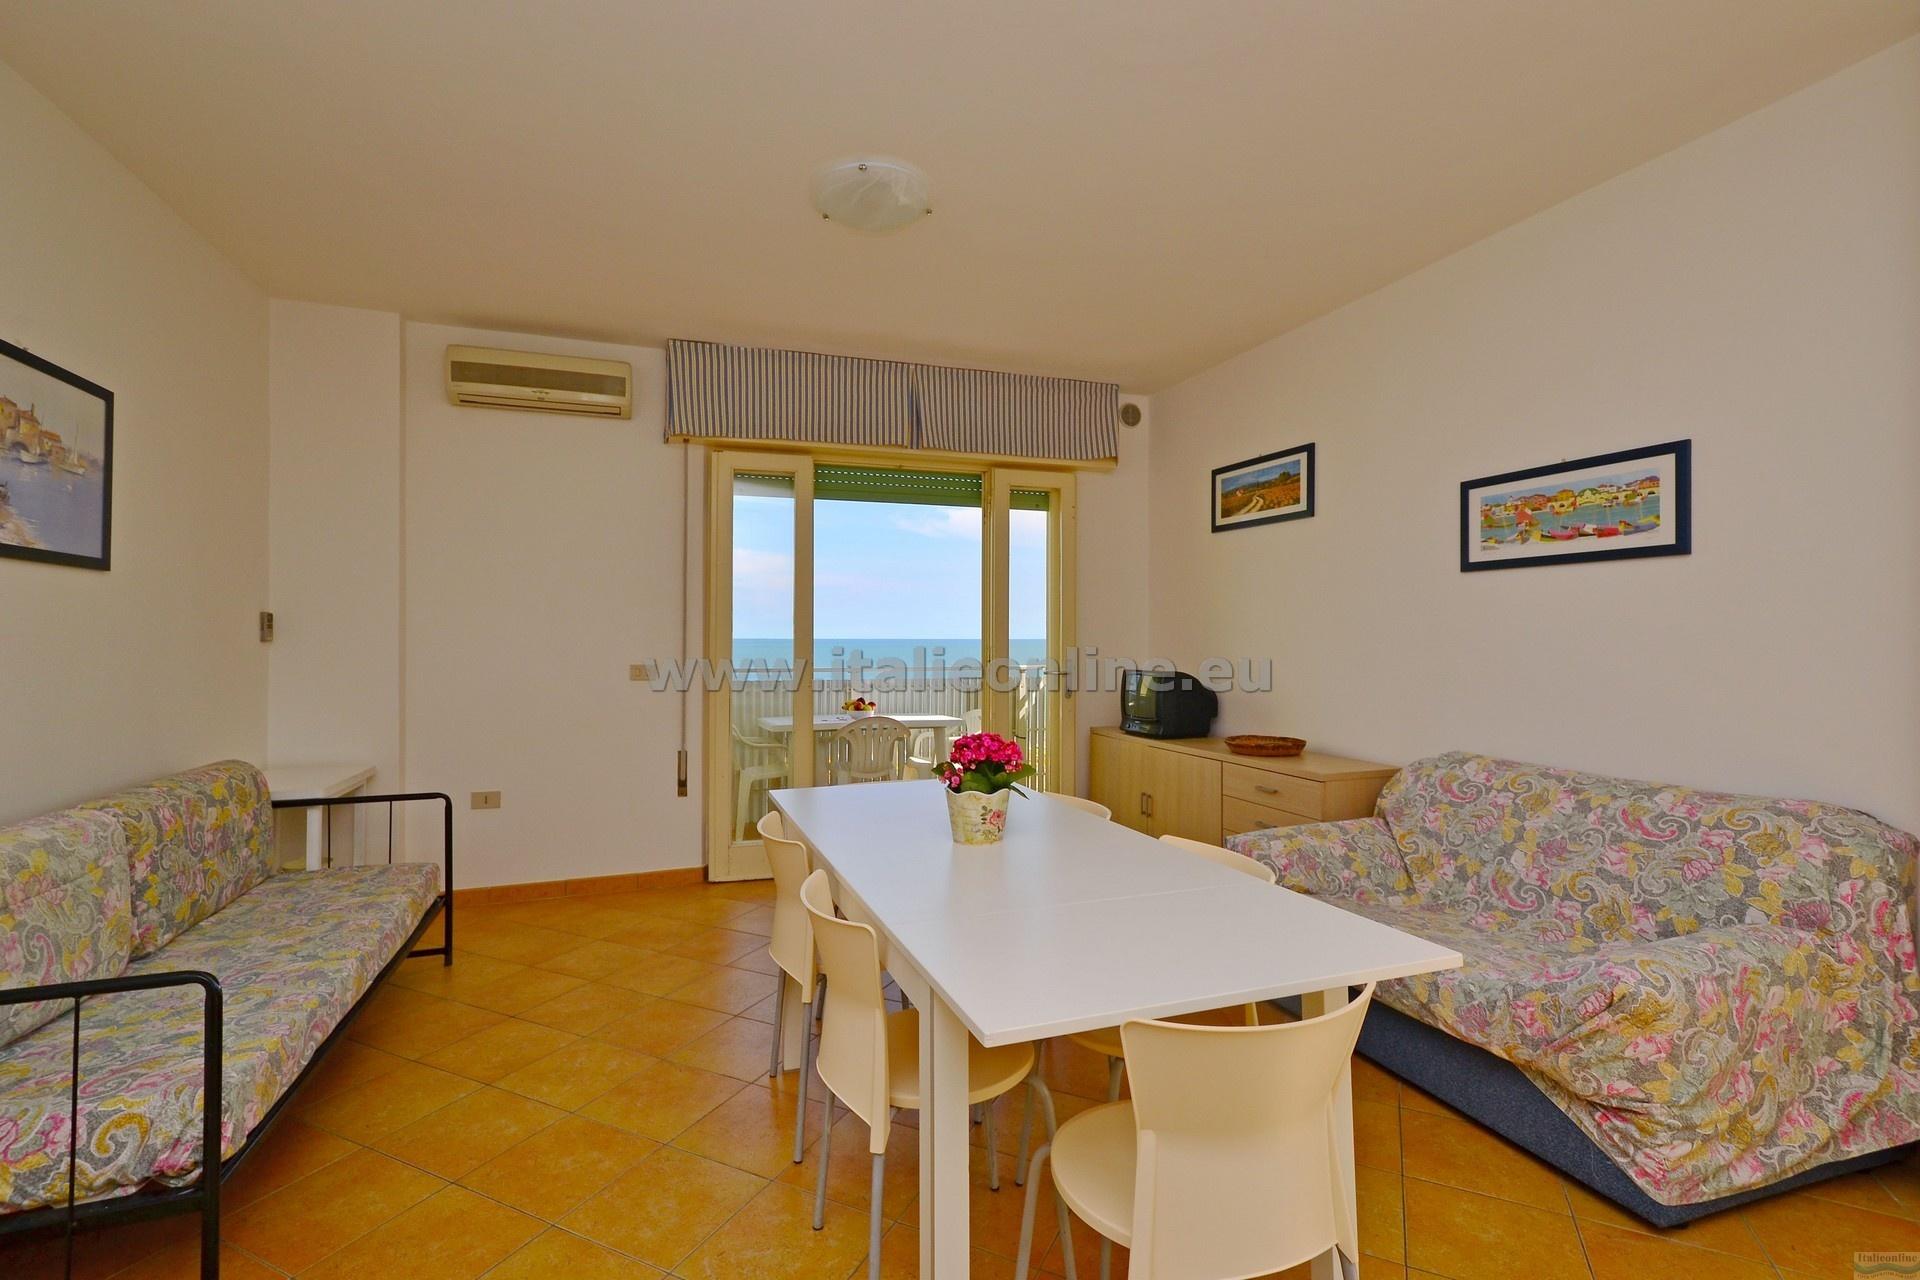 Condominio Sole Lignano Sabbiadoro Italien Italieonline